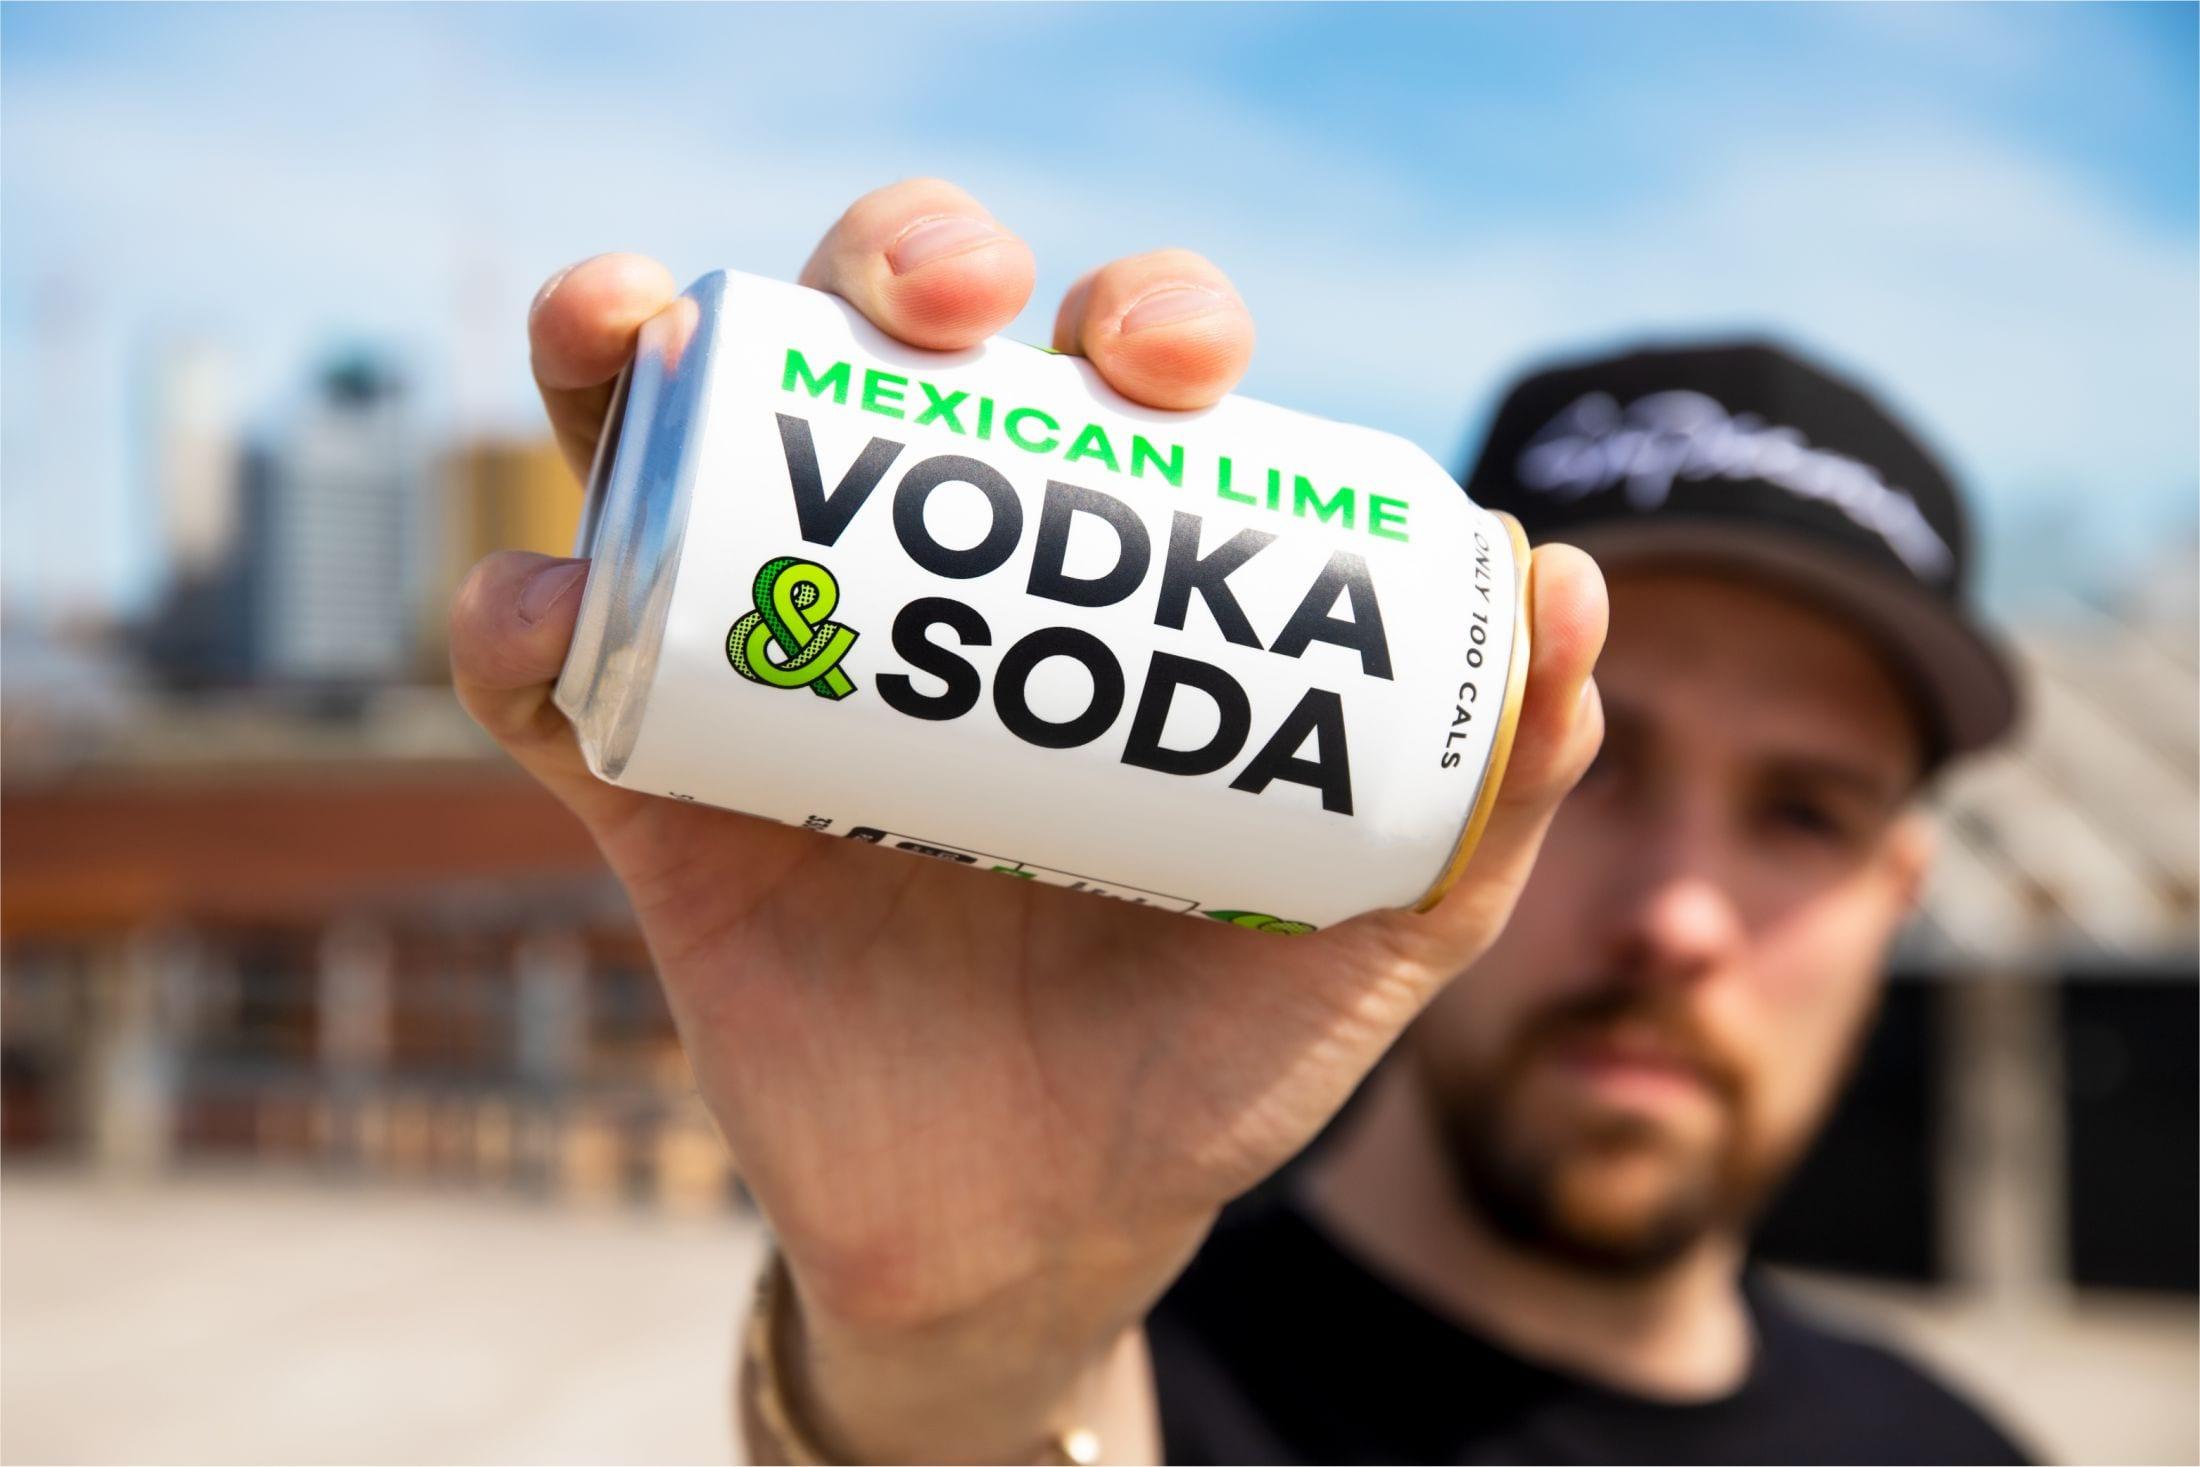 """c9dd26c806999b078b1285b1018d0e98797fa48b 2200 - Svěží a ovocná identita pro novou alternativu """"čistého pití"""" &Soda od společnosti Analogue"""